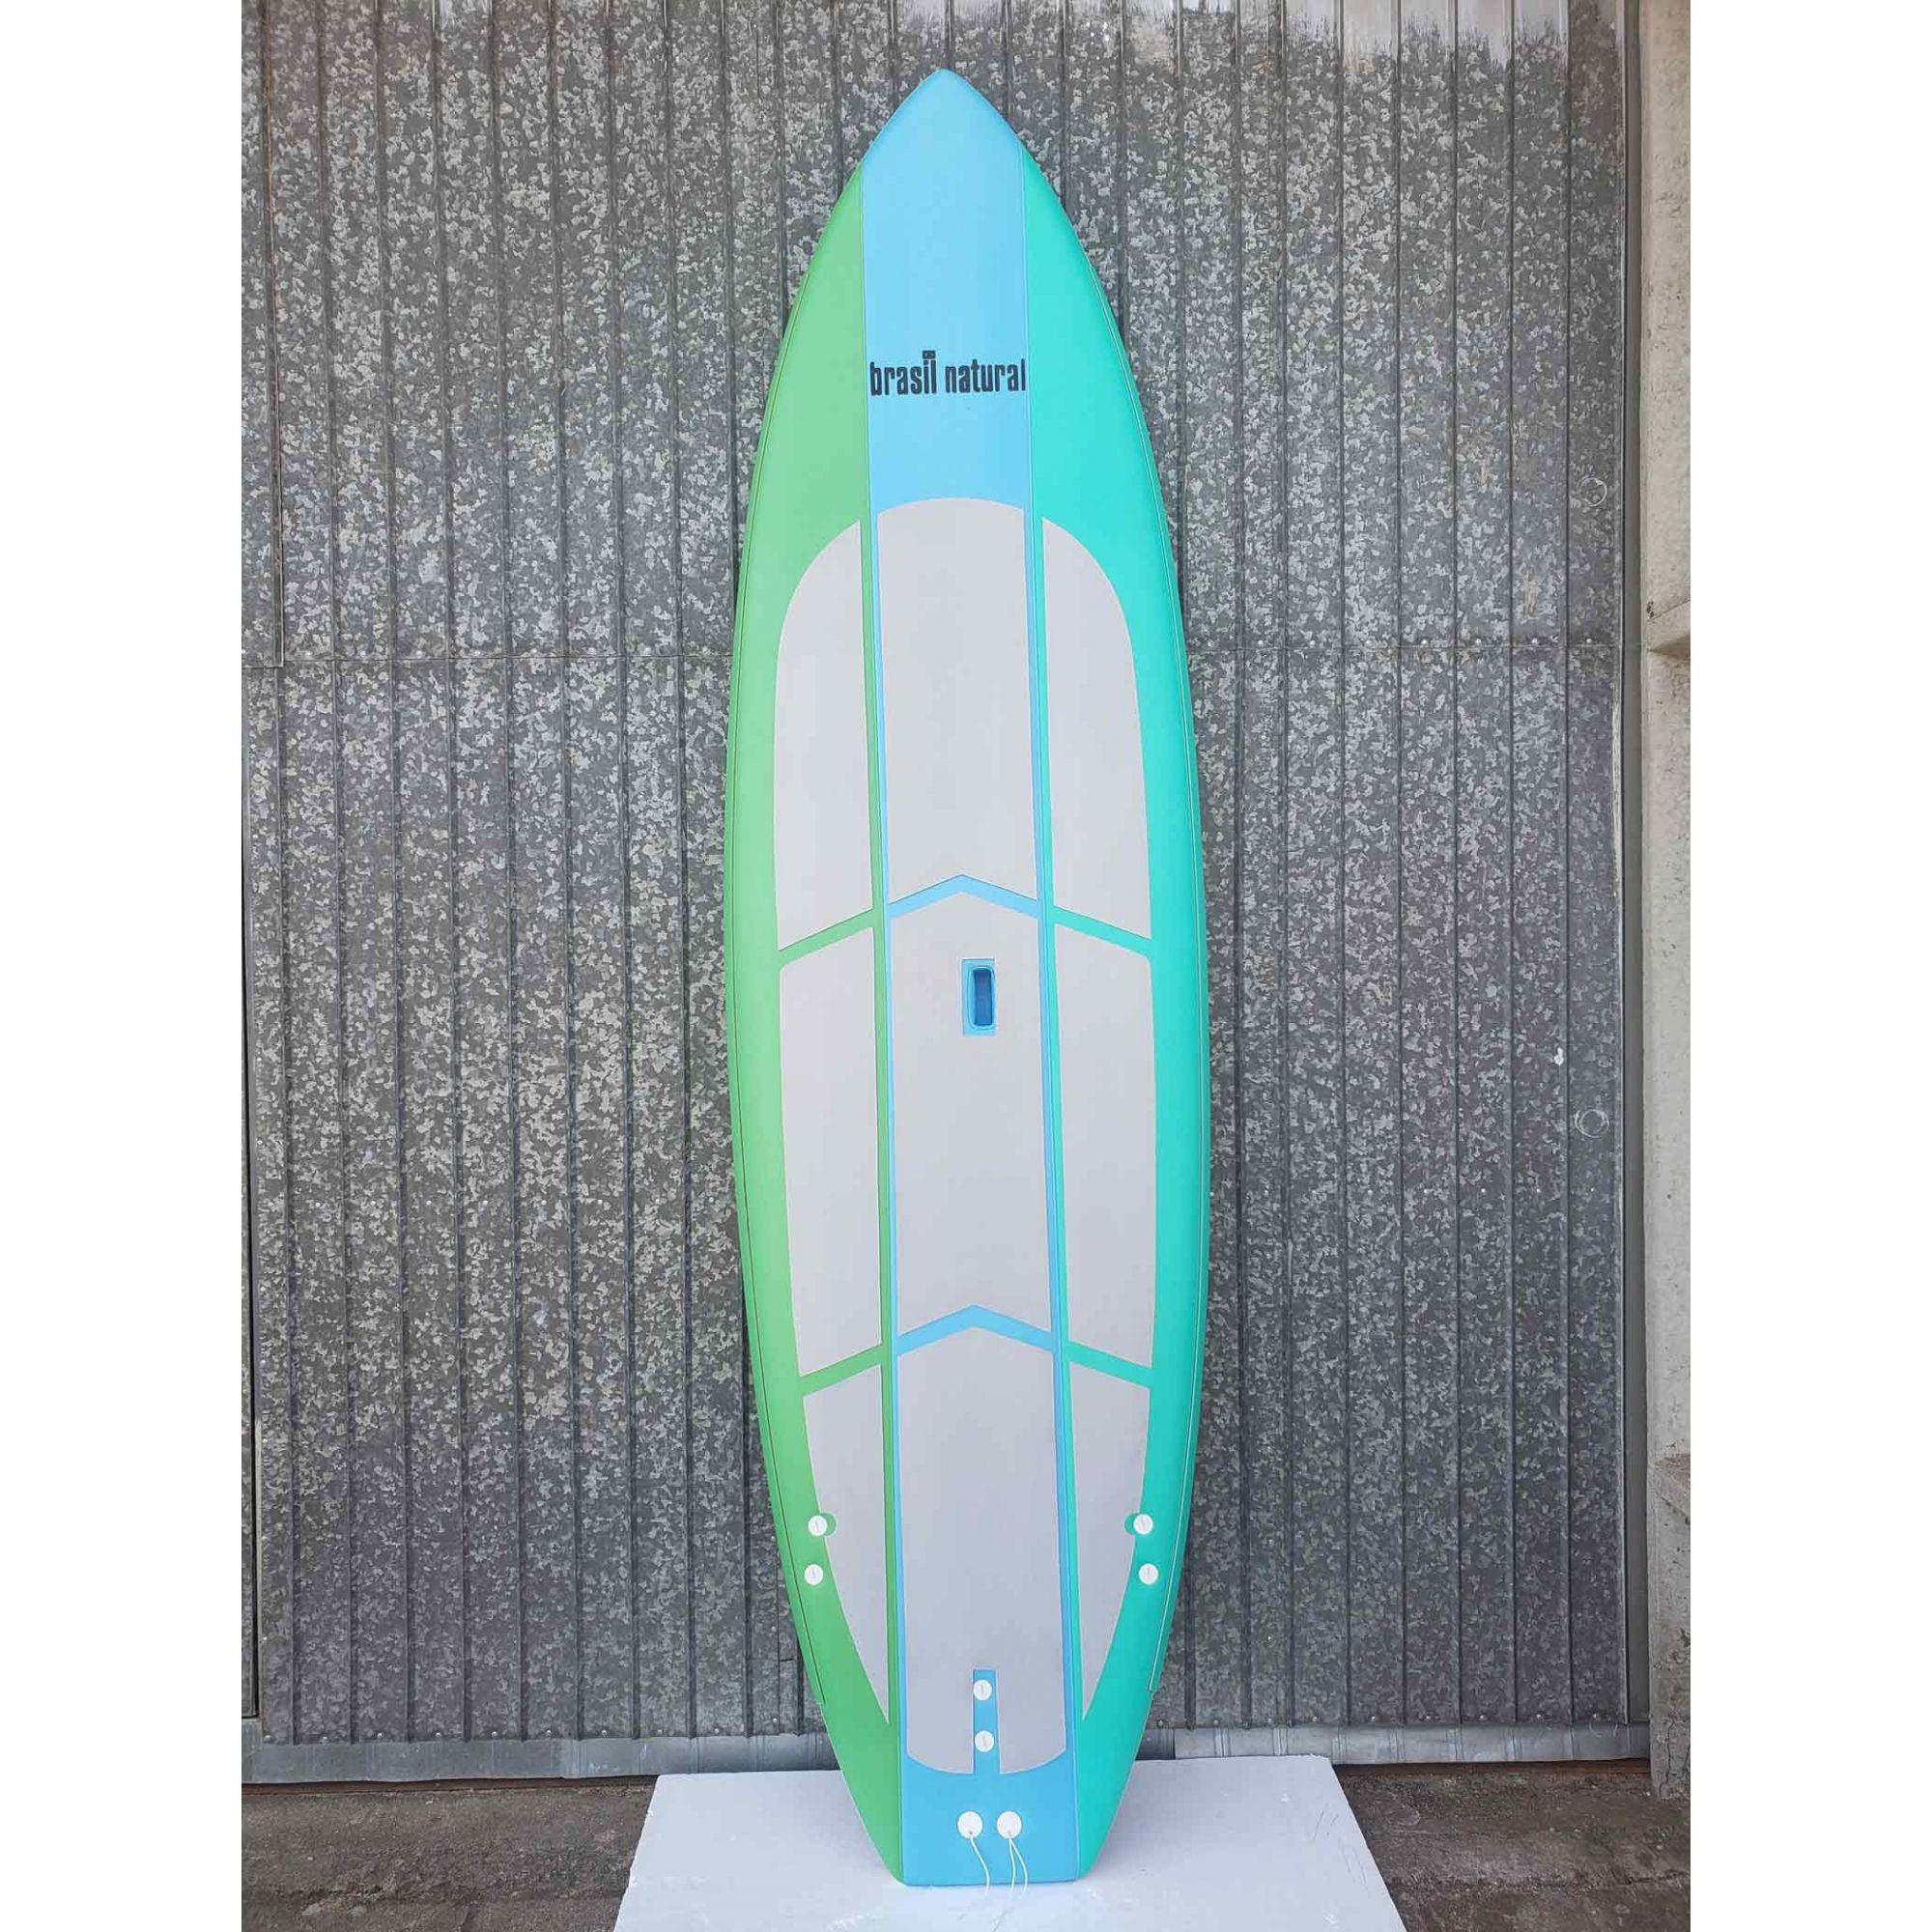 Prancha de stand up paddle 10 pés soft  rígido Outlet edição limitada 02